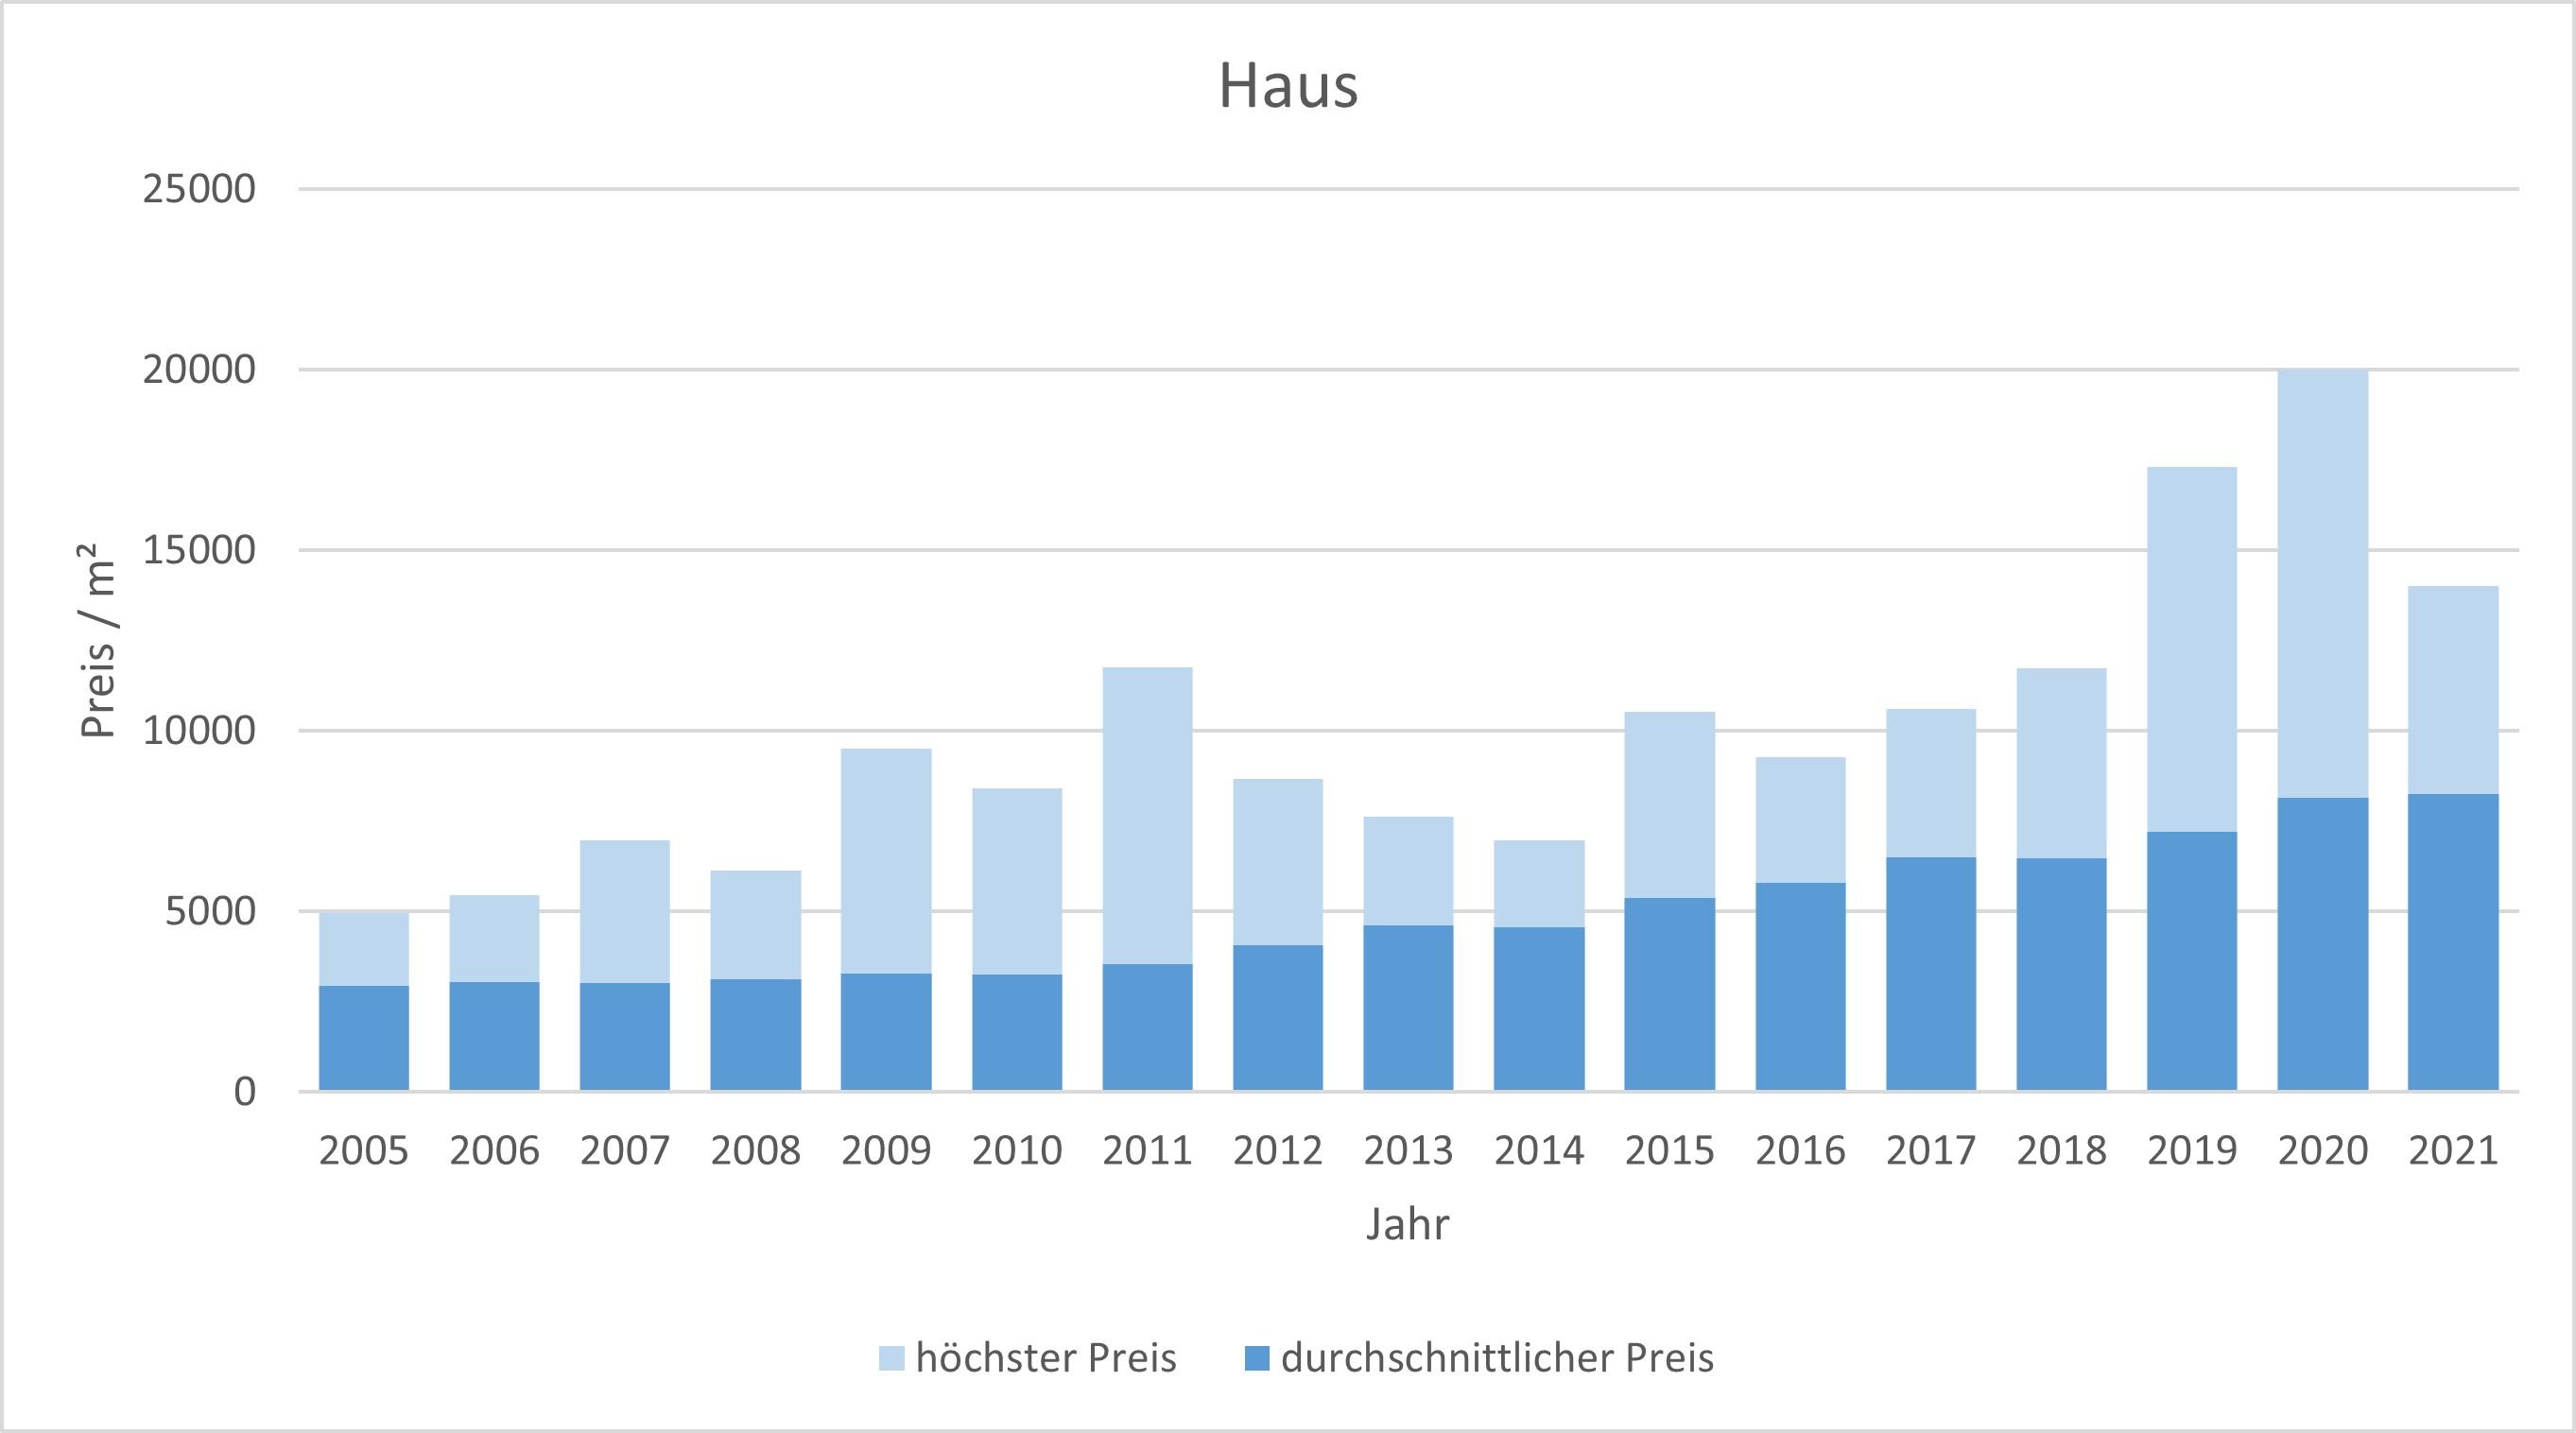 München - Aubing Haus kaufen verkaufen Preis Bewertung Makler www.happy-immo.de 2019 2020 2021